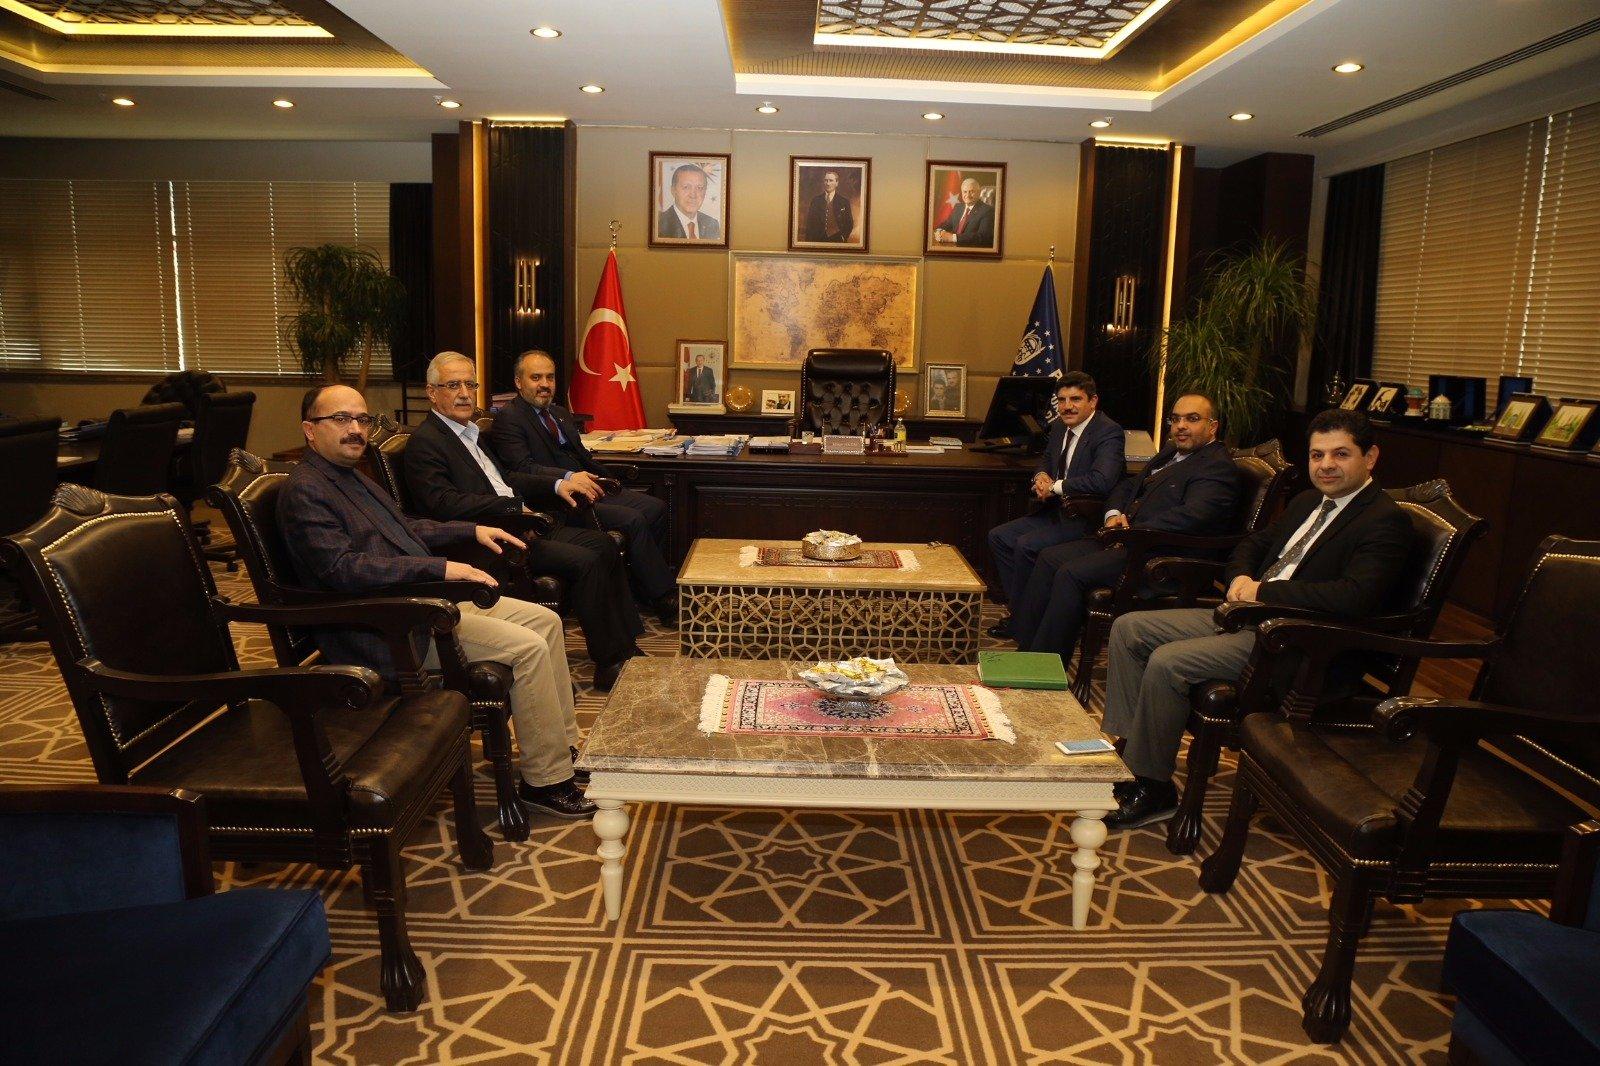 اجتماع المدير العام مع رئيس بلدية بورصة السيد علي نور أكتاش